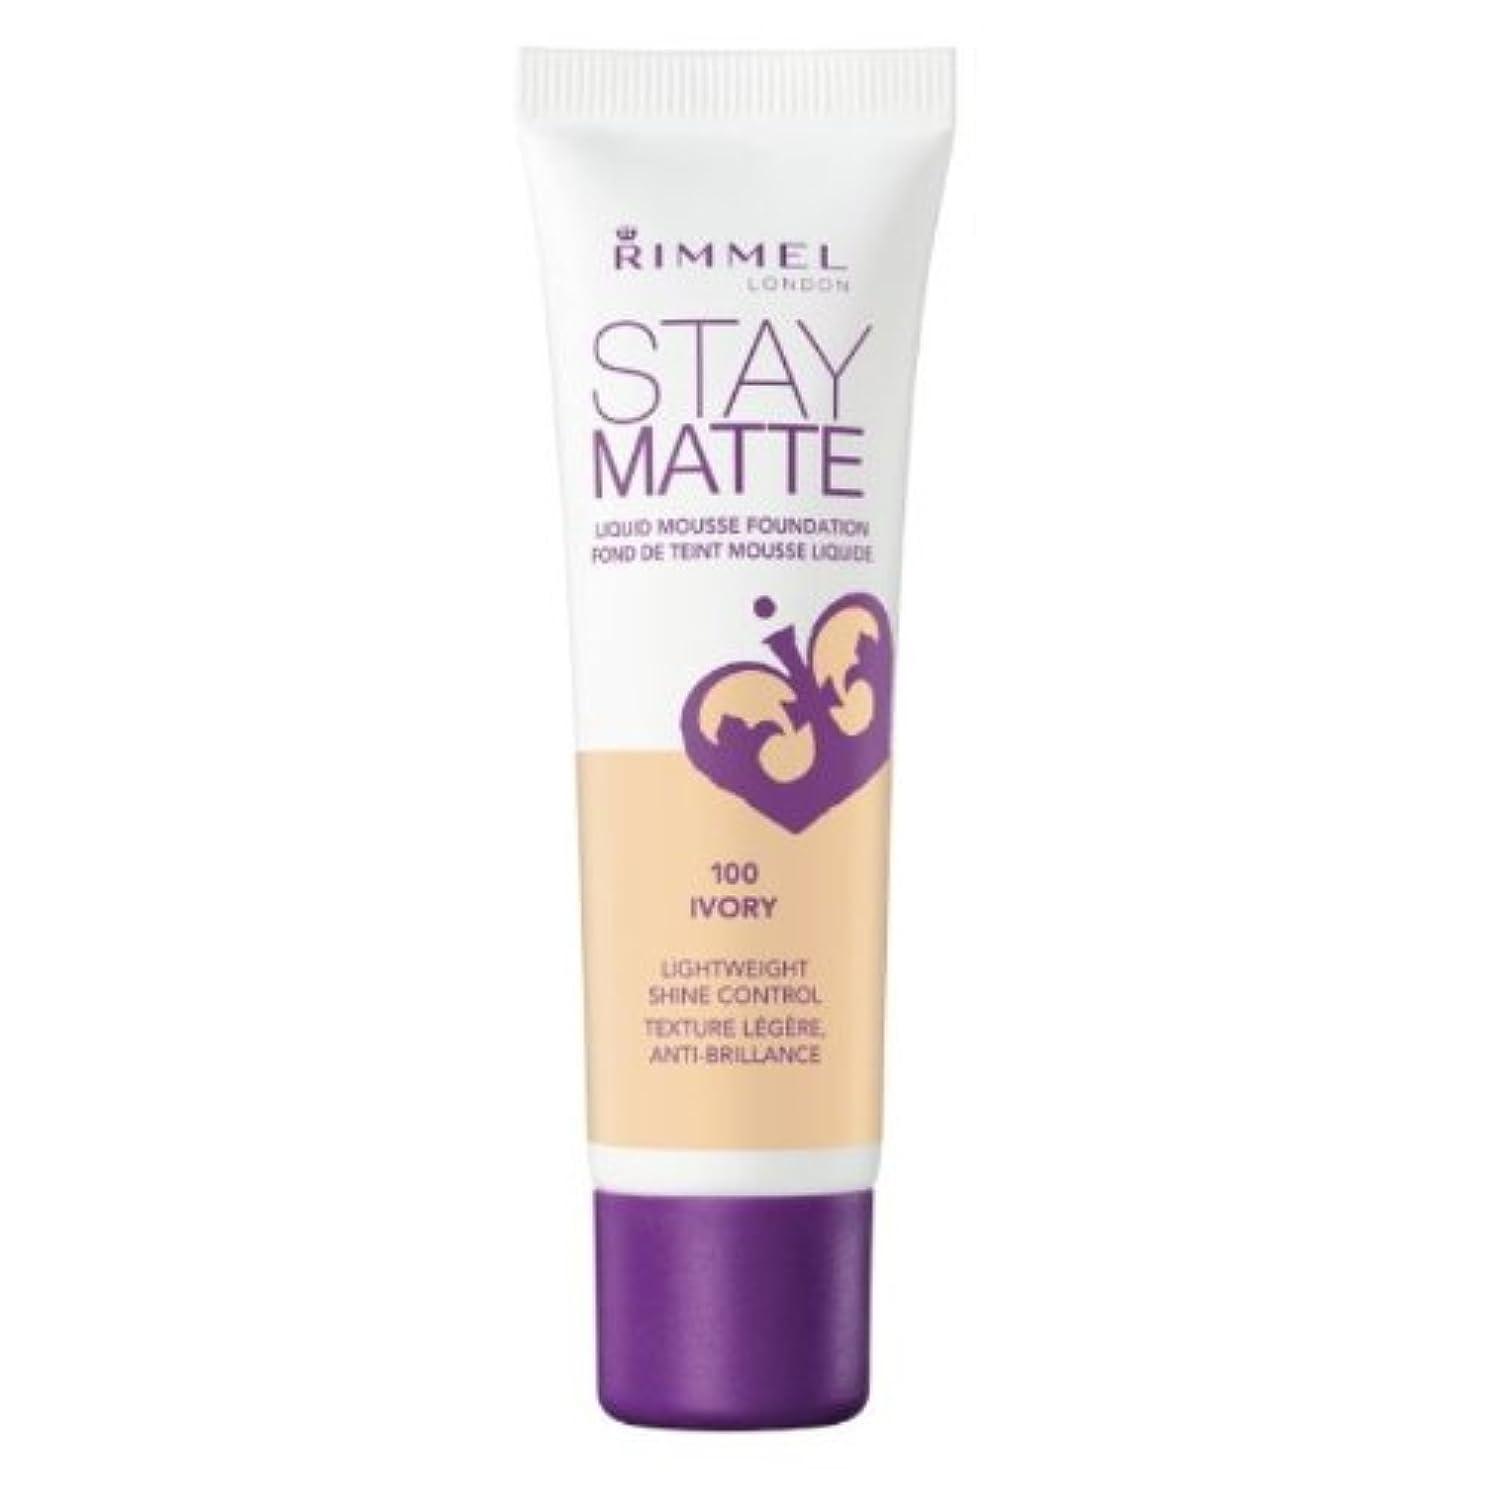 動作元気な放棄RIMMEL LONDON Stay Matte Liquid Mousse Foundation - Ivory (並行輸入品)